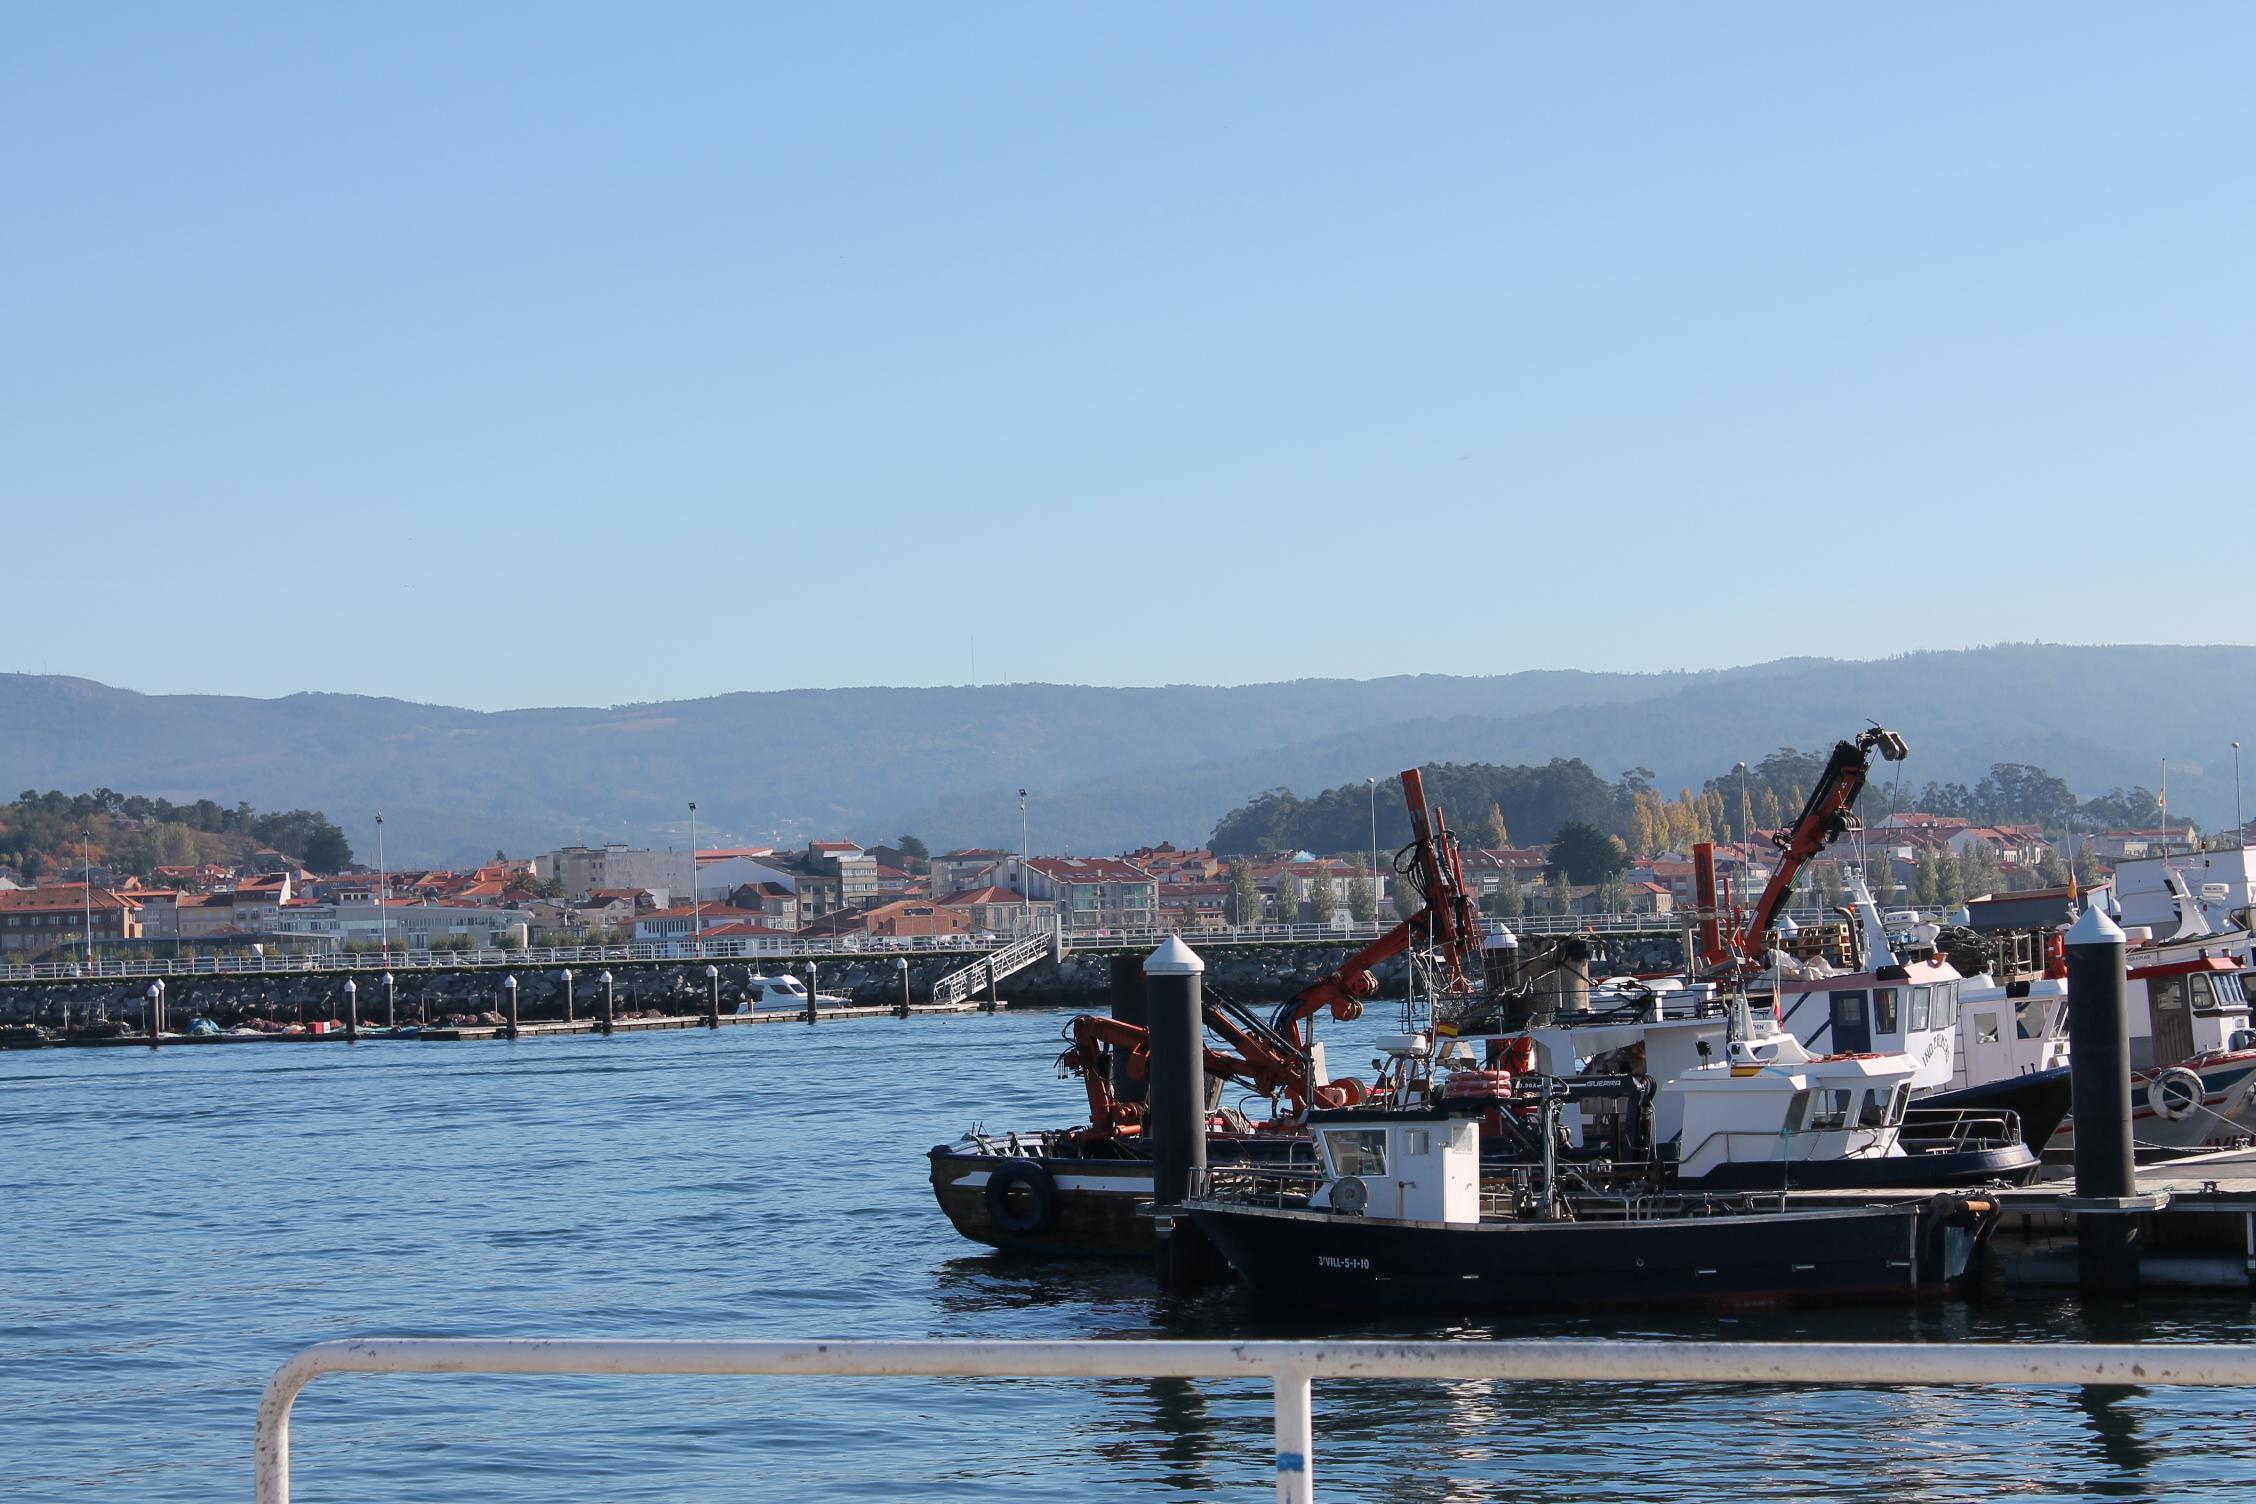 タコの漁船 リアスバイシャスの港